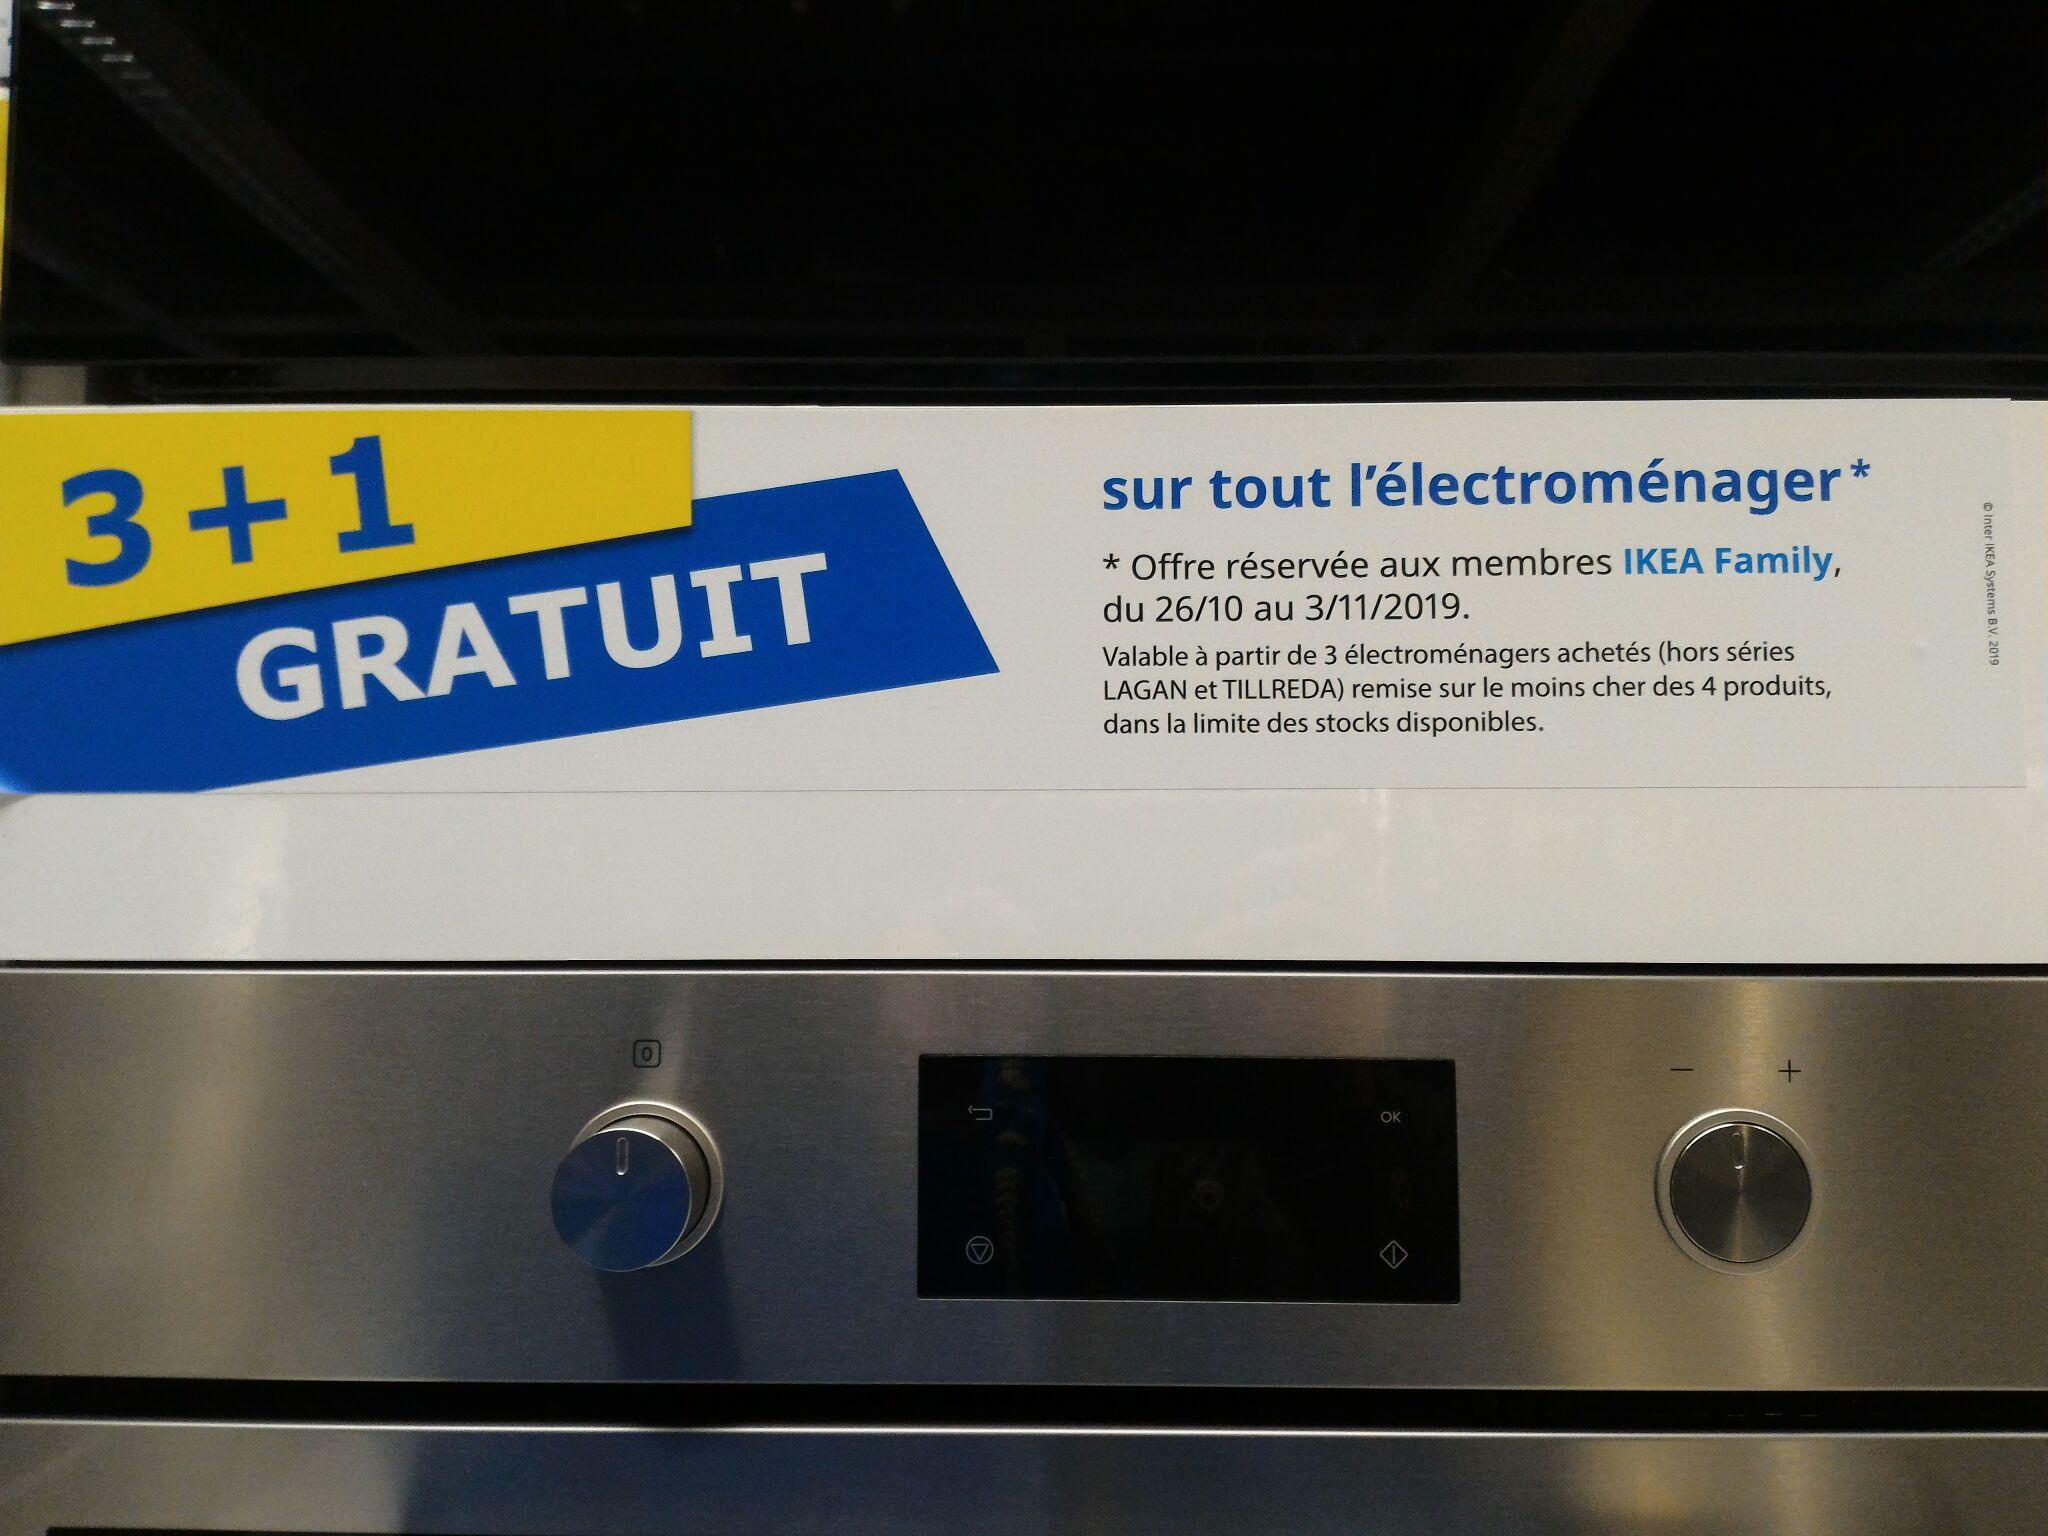 [Ikea Family] 3 produits électroménagers achetés + 1 gratuit (Le moins cher - Hors Lagan et Tillreda) - Thiais (94)